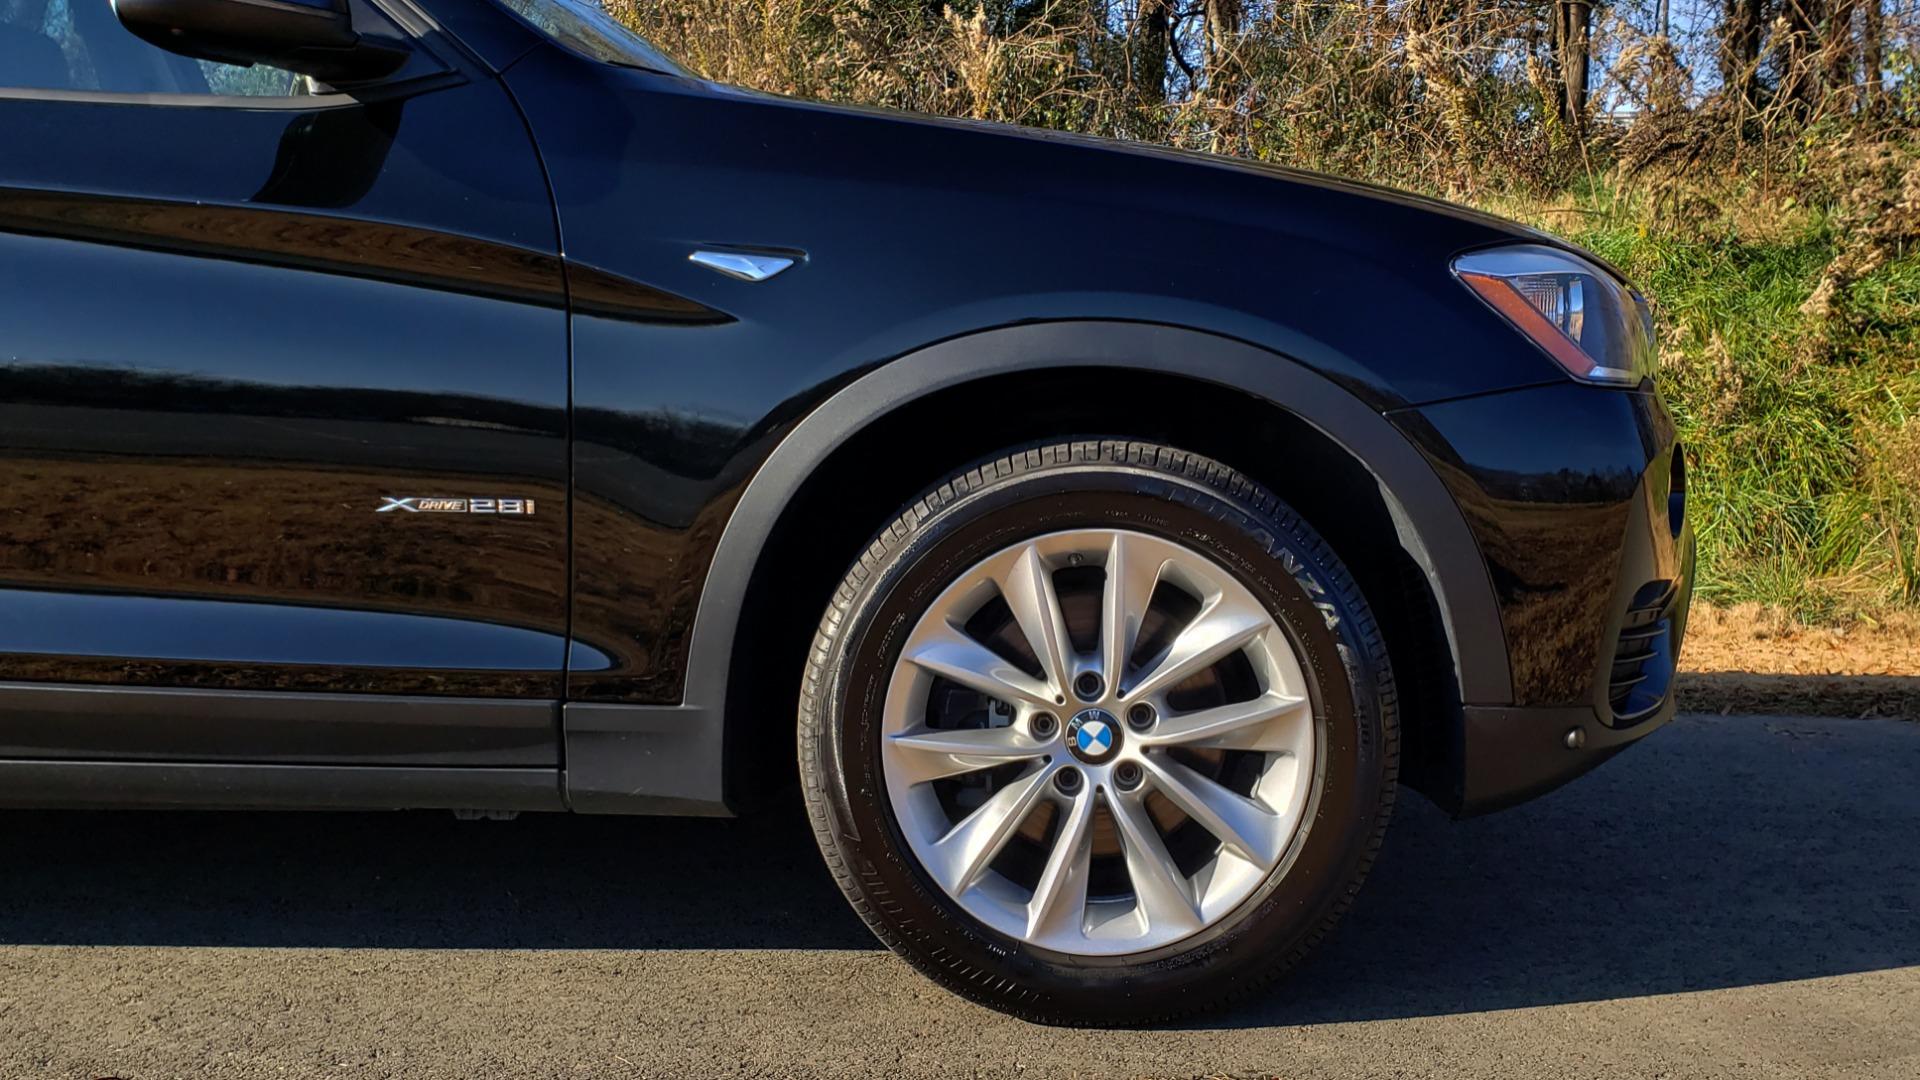 Used 2017 BMW X3 XDRIVE28I / PREM PKG / NAV / DRVR ASST / HTD STS / CAMERAS for sale Sold at Formula Imports in Charlotte NC 28227 93